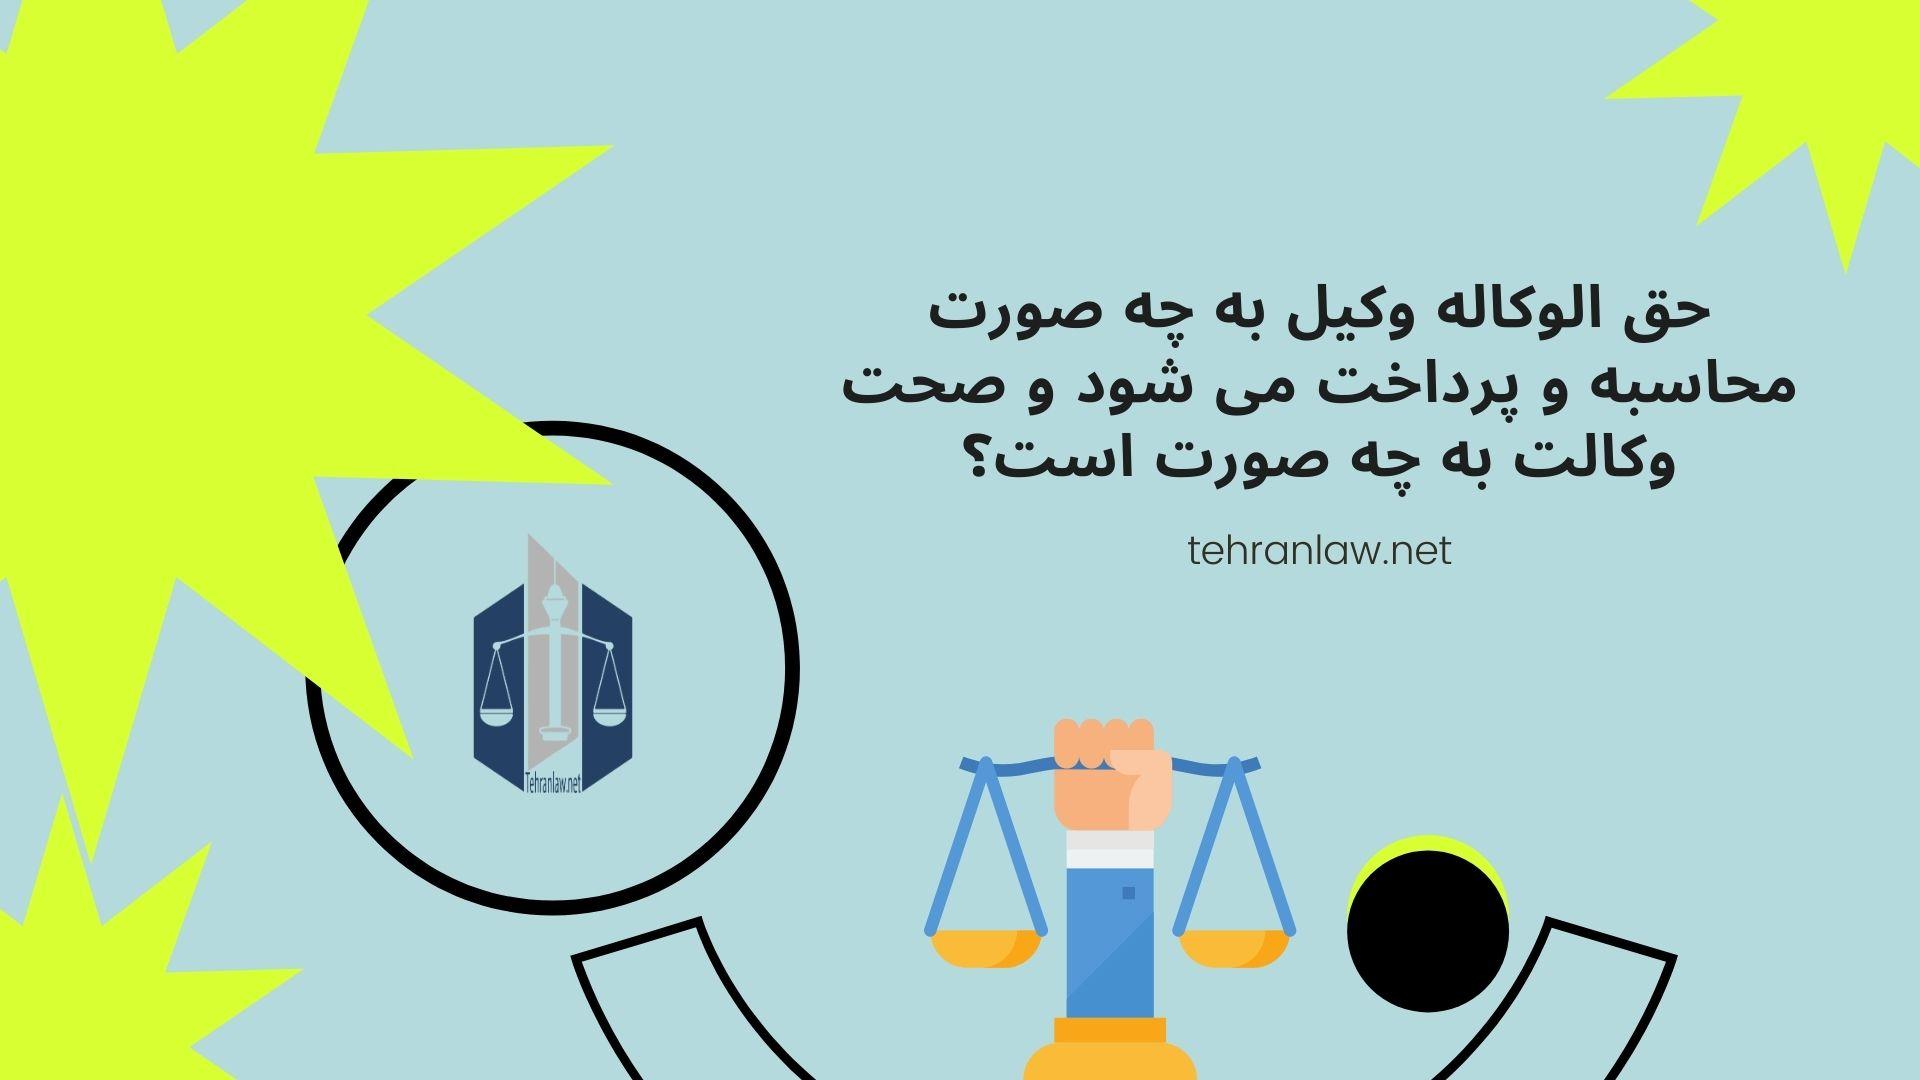 حق الوکاله وکیل به چه صورت محاسبه و پرداخت می شود و صحت وکالت به چه صورت است؟